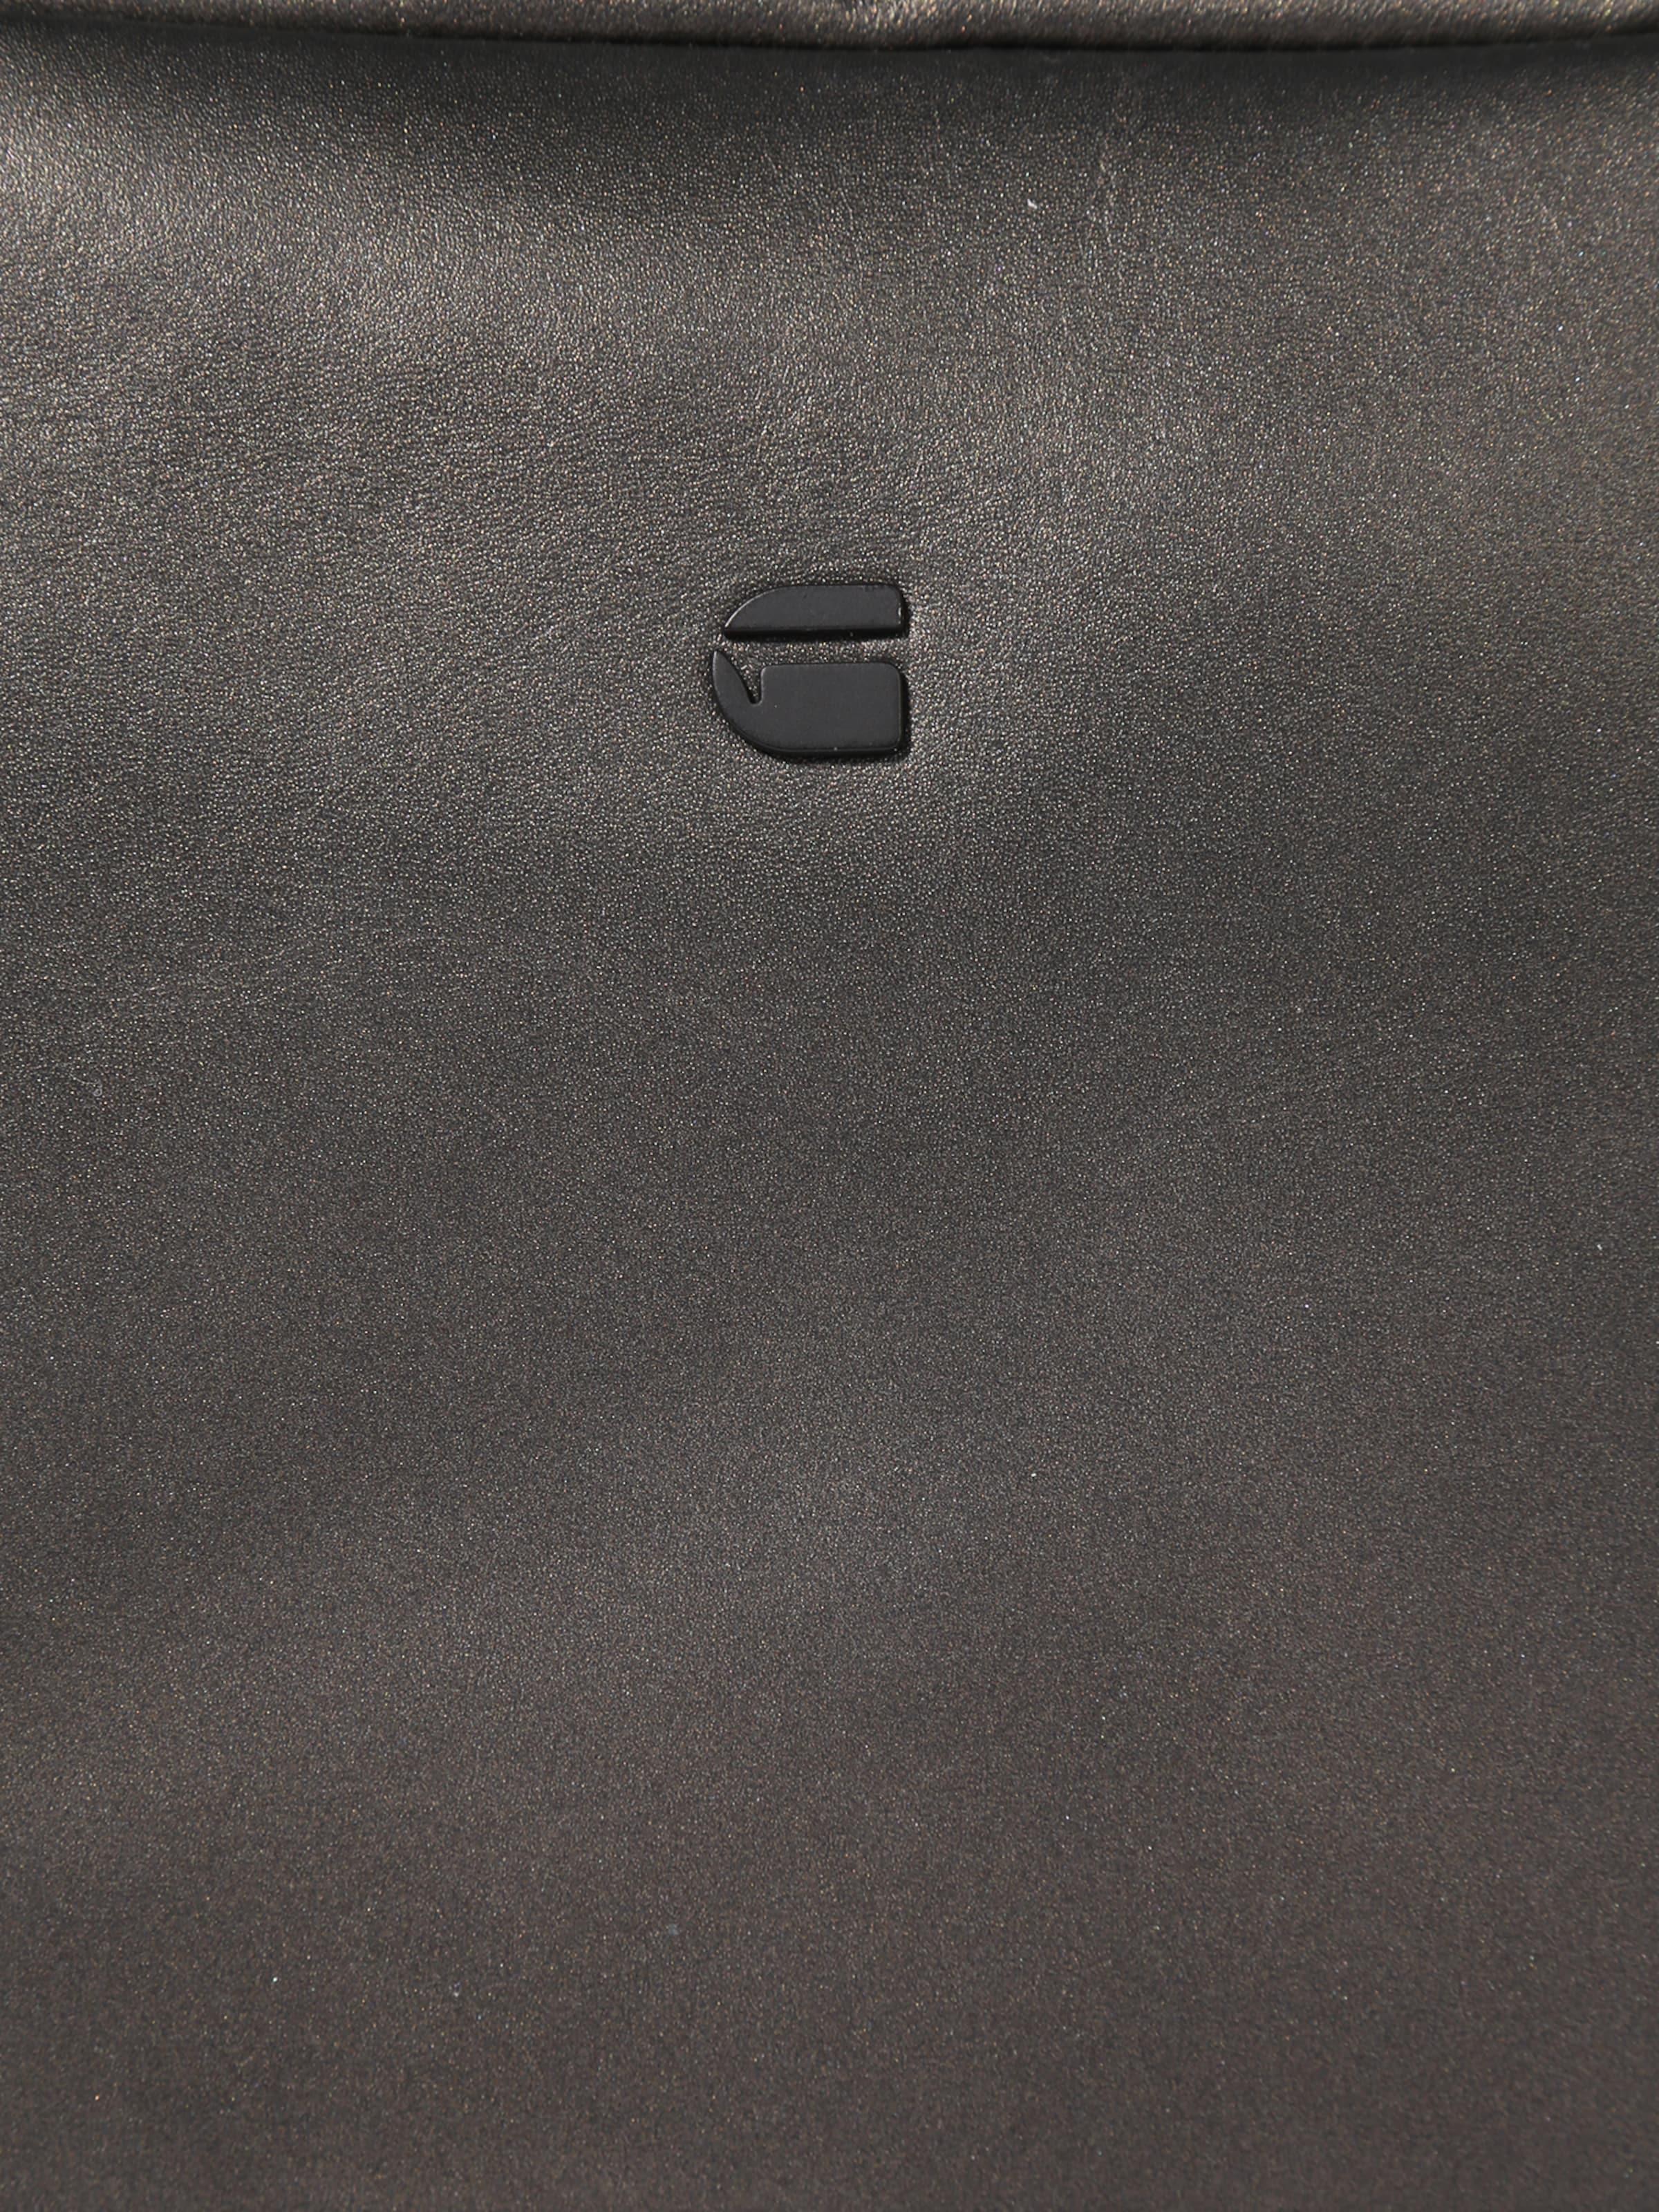 Günstiger Versand G-STAR RAW Schultertasche 'Mozoe small' Niedriger Preis Günstig Online Outlet Rabatt Authentisch Modestil Billig Wie Viel qh5gwA56A